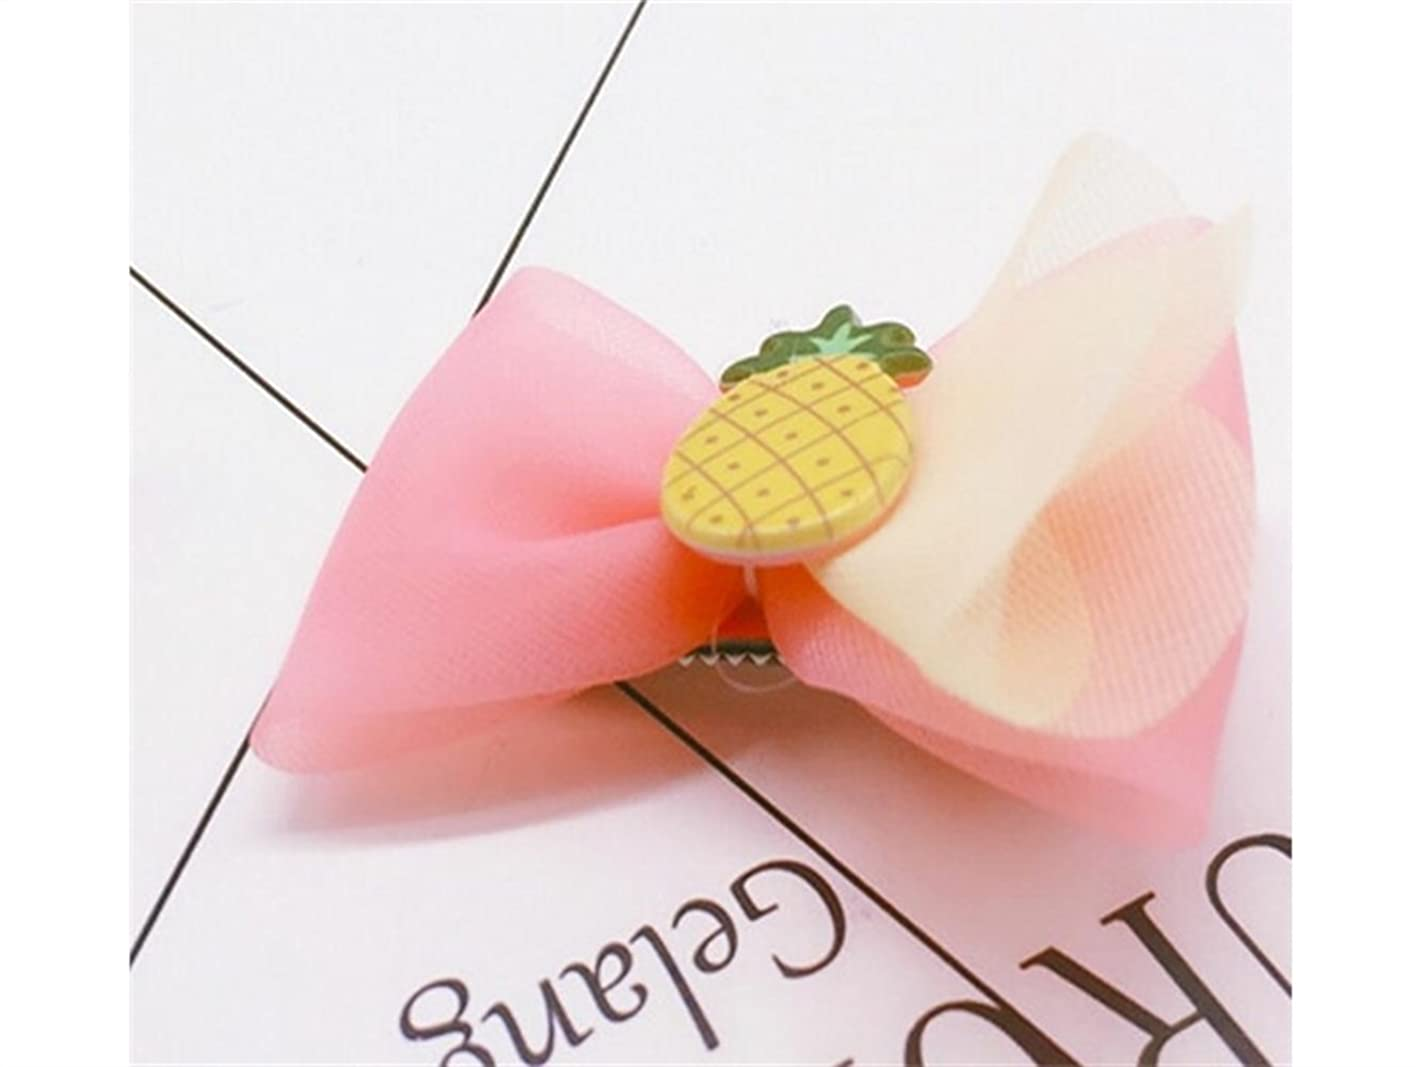 硬化するすぐにフォローOsize 美しいスタイル フルーツヘアクリップ子供用キャンディーカラーダックビルクリップヘアピンアクセサリー(多色ランダム)